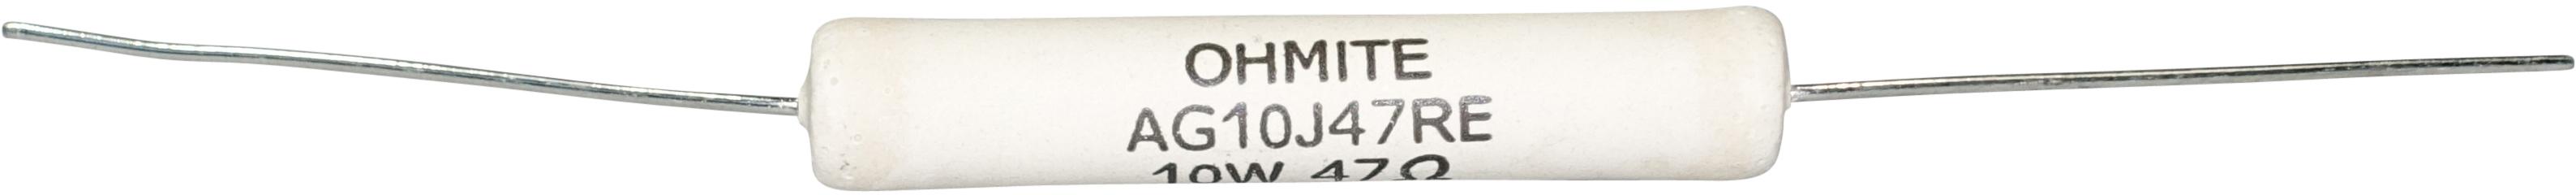 Ohmite Audio Gold 10W - 10 Ohm